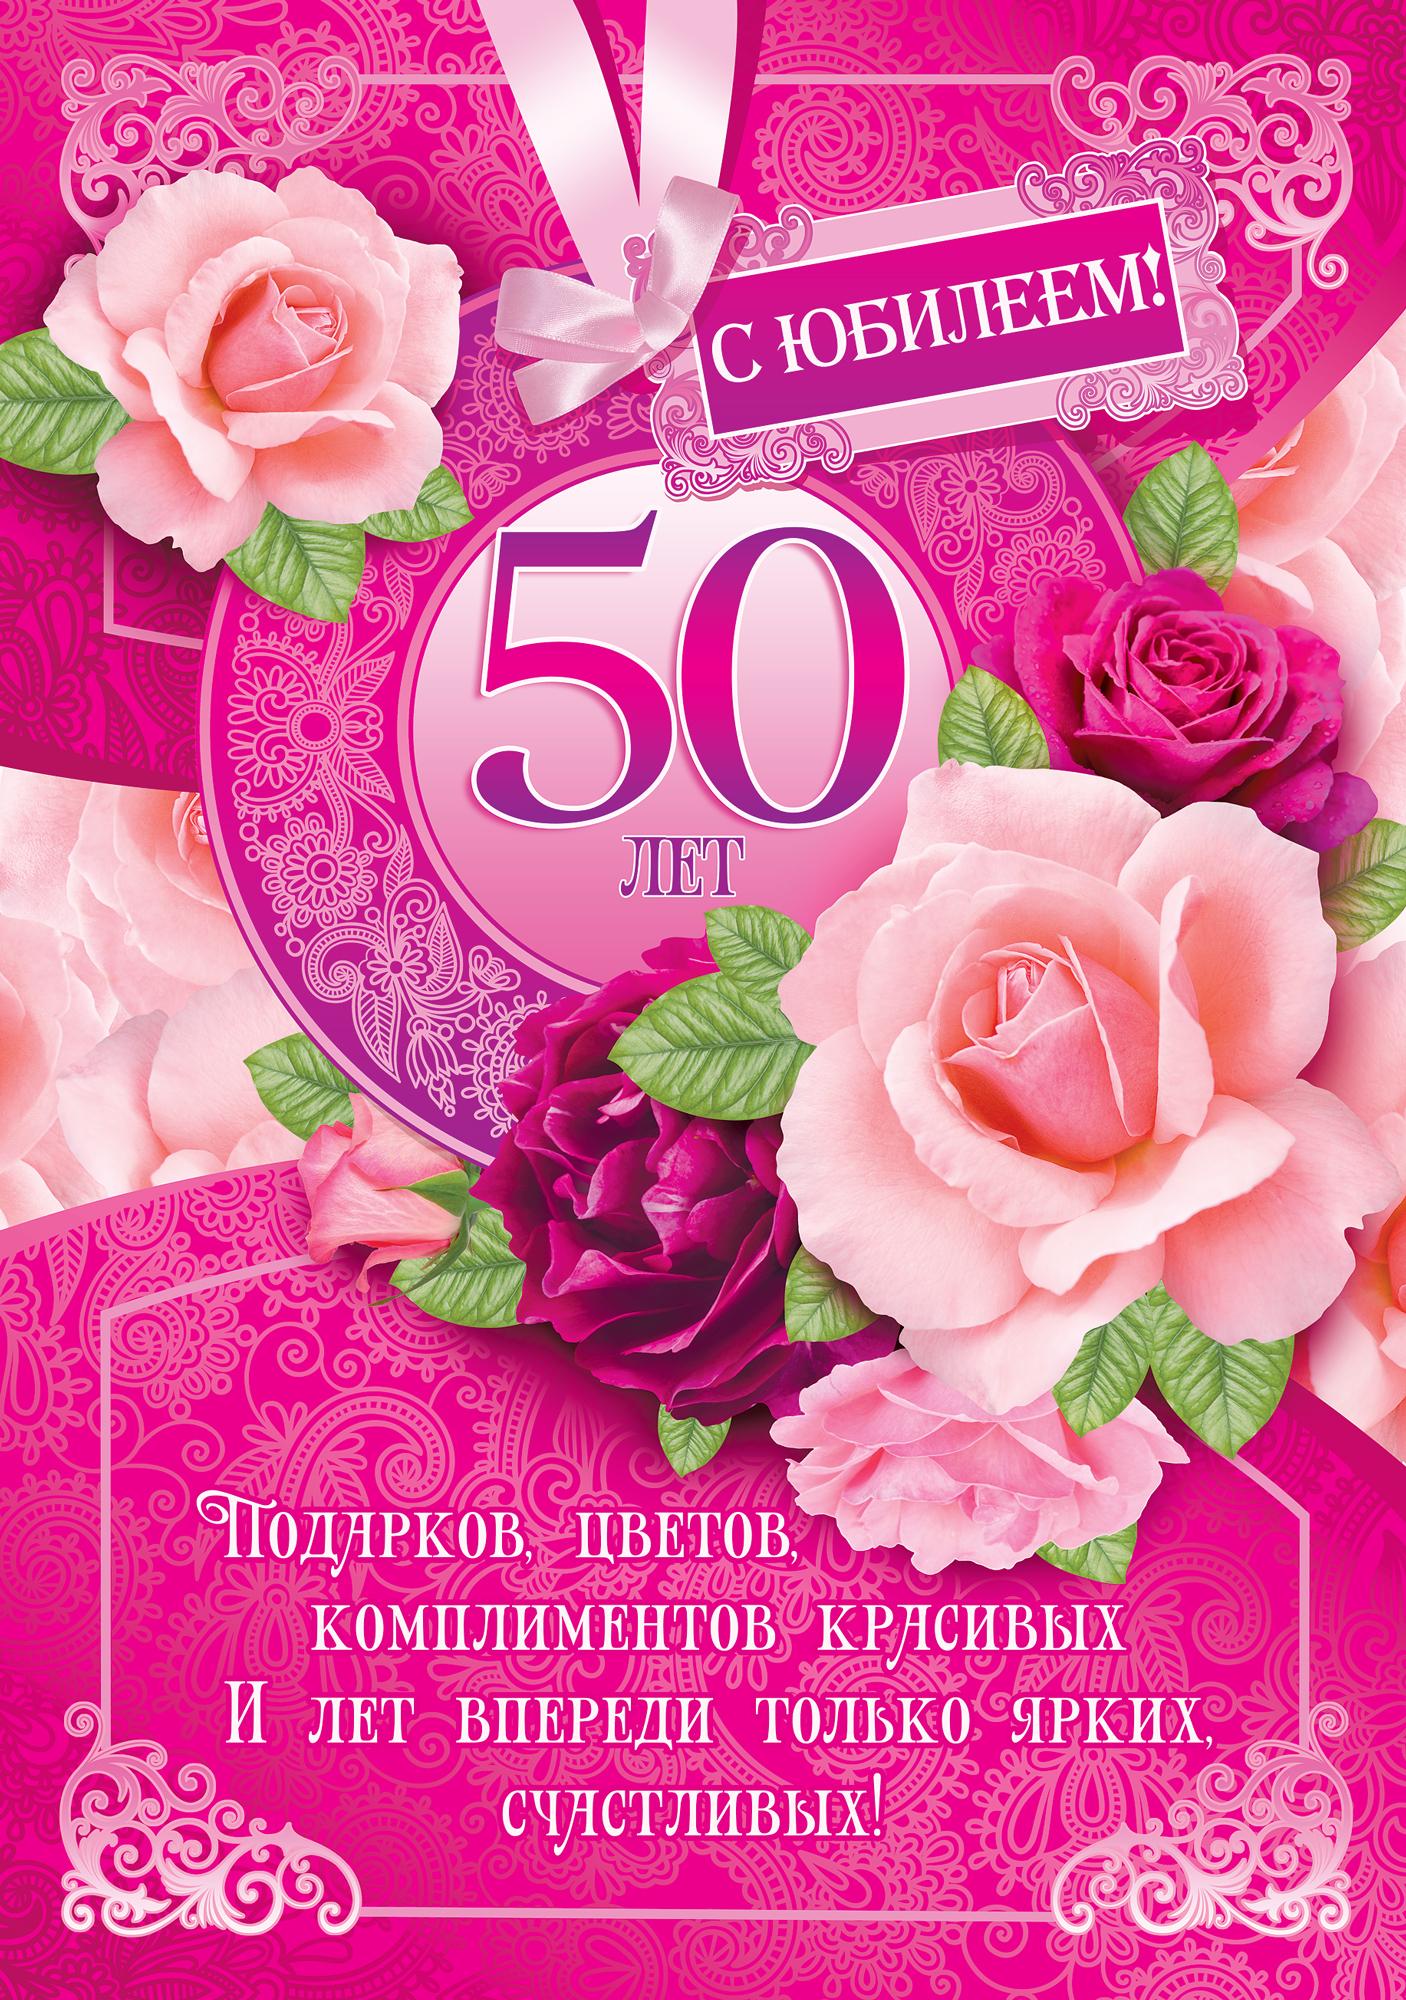 Дню рождения 5о лет открытки